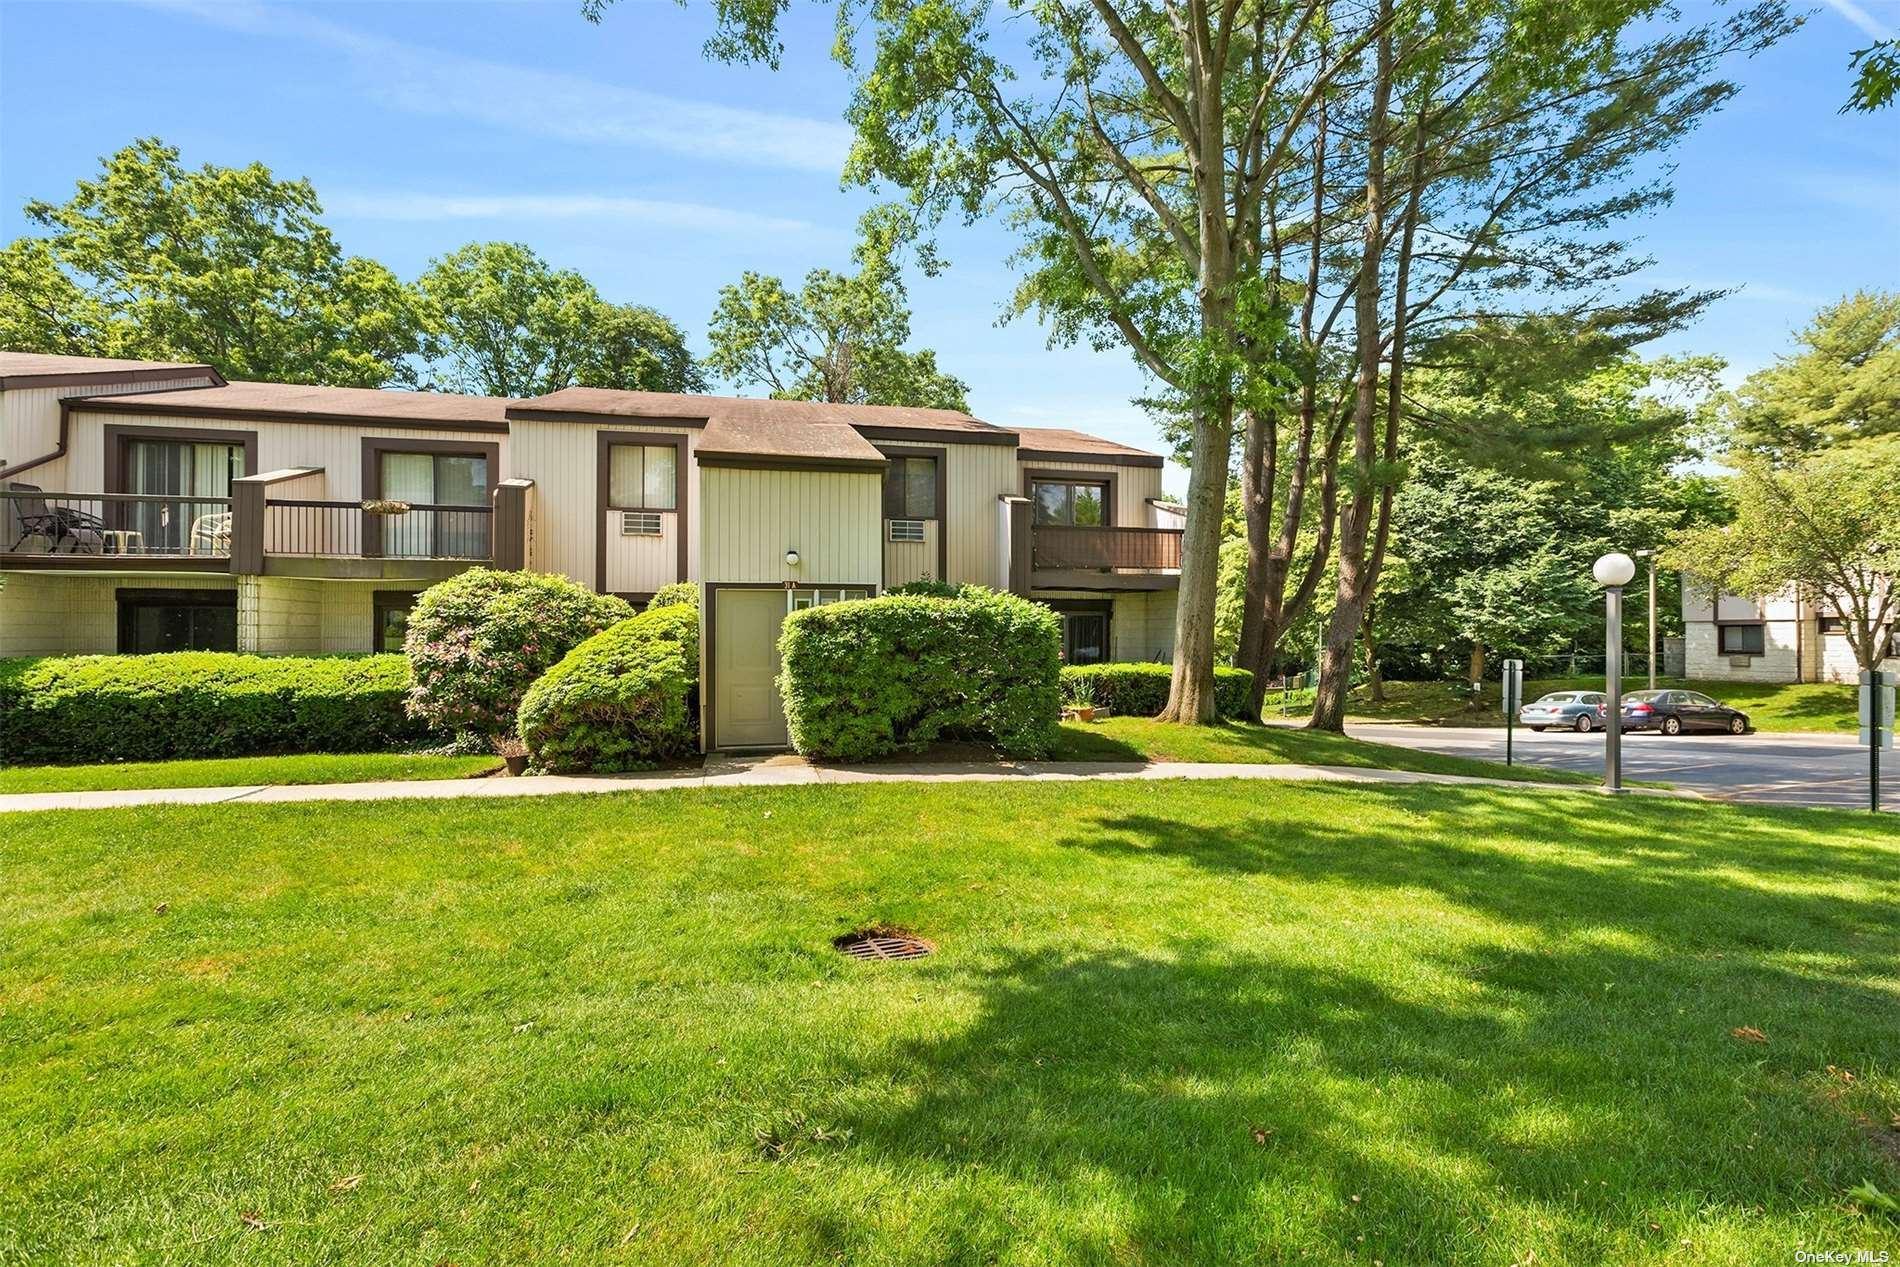 31 Richmond Boulevard #4A, Ronkonkoma, NY 11779 - MLS#: 3320524